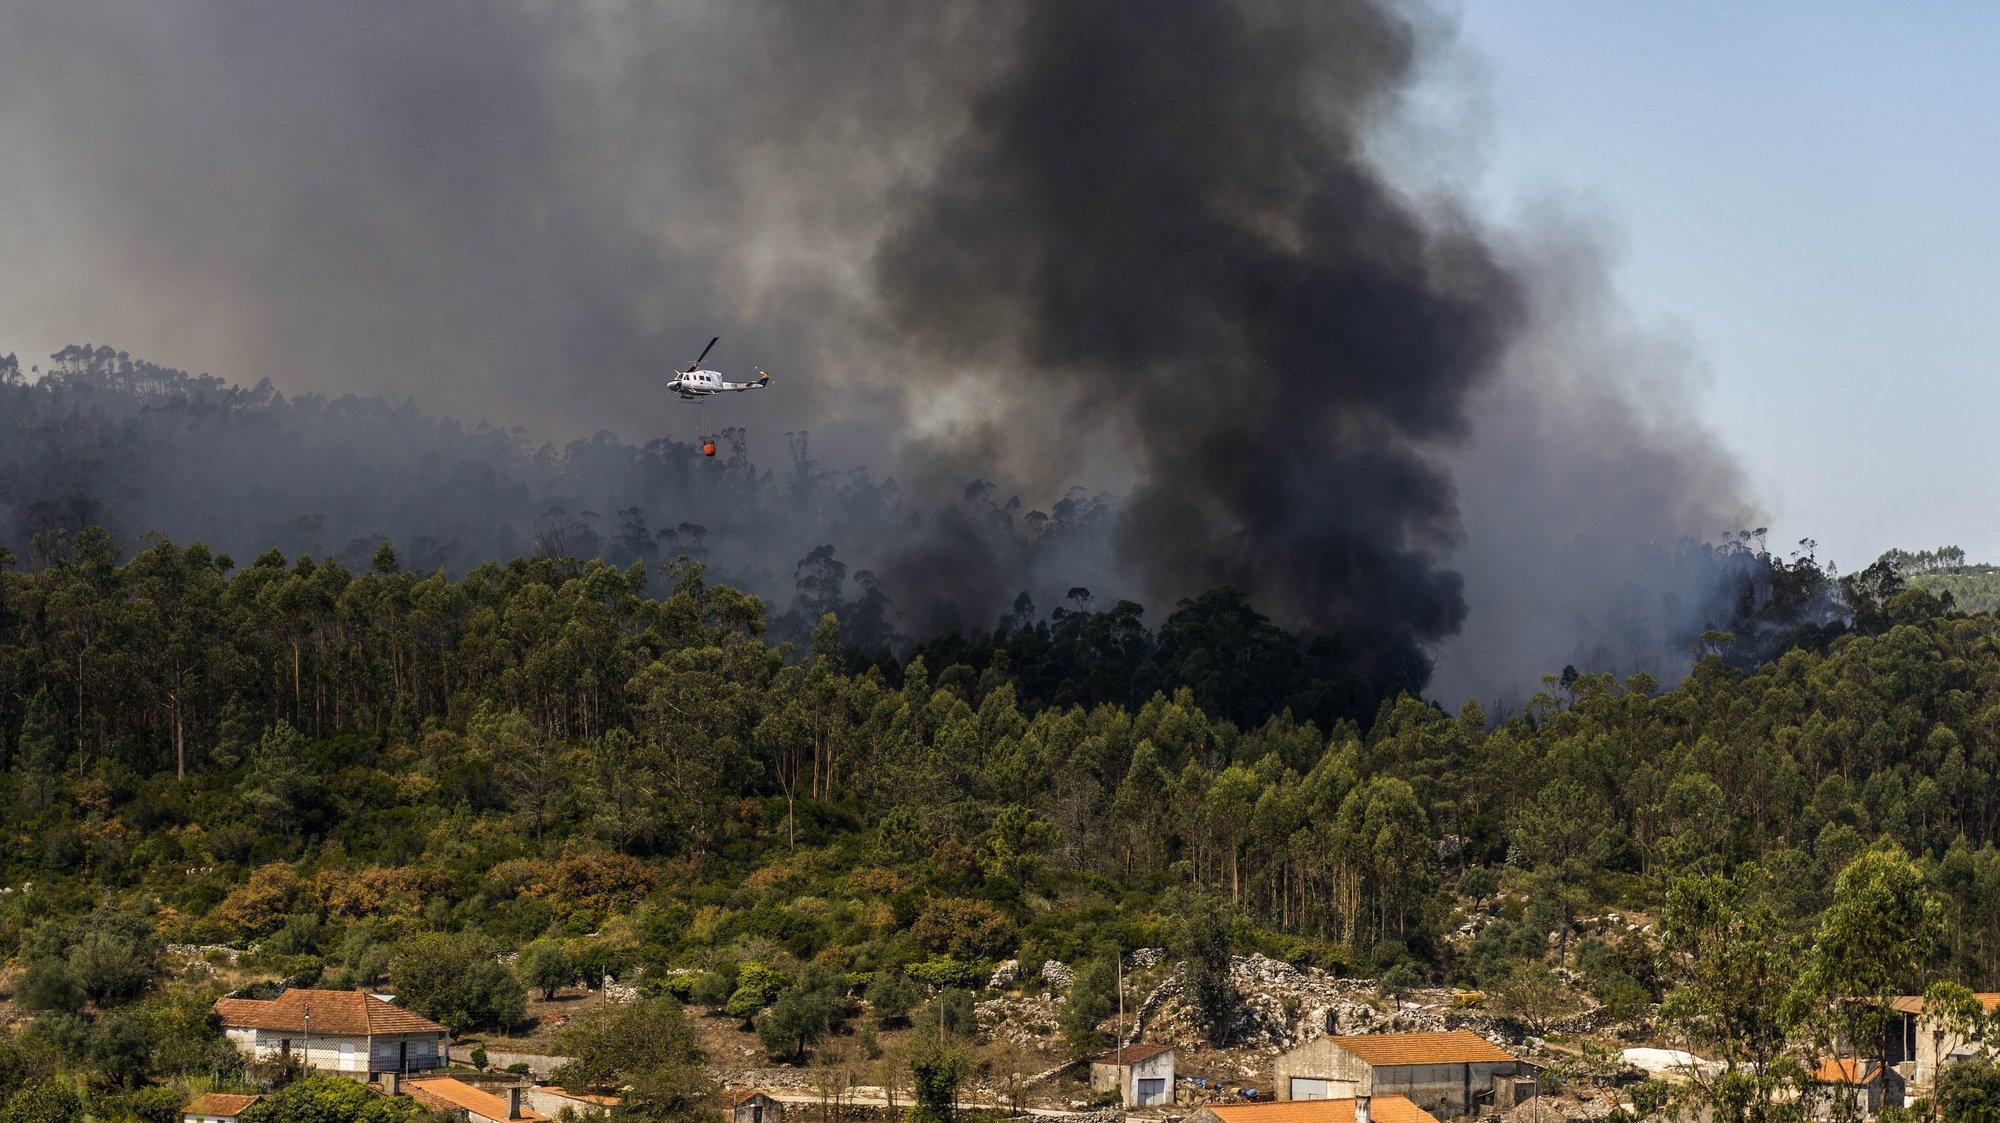 Um helicóptero de combate a fogos faz uma descarga no incêndio que deflagrou na madrugada de domingo no Parque Natural das Serras de Aire e Candeeiros (PNSAC), em Porto de Mós, 07 de setembro de 2020. RUI MIGUEL PEDROSA/LUSA